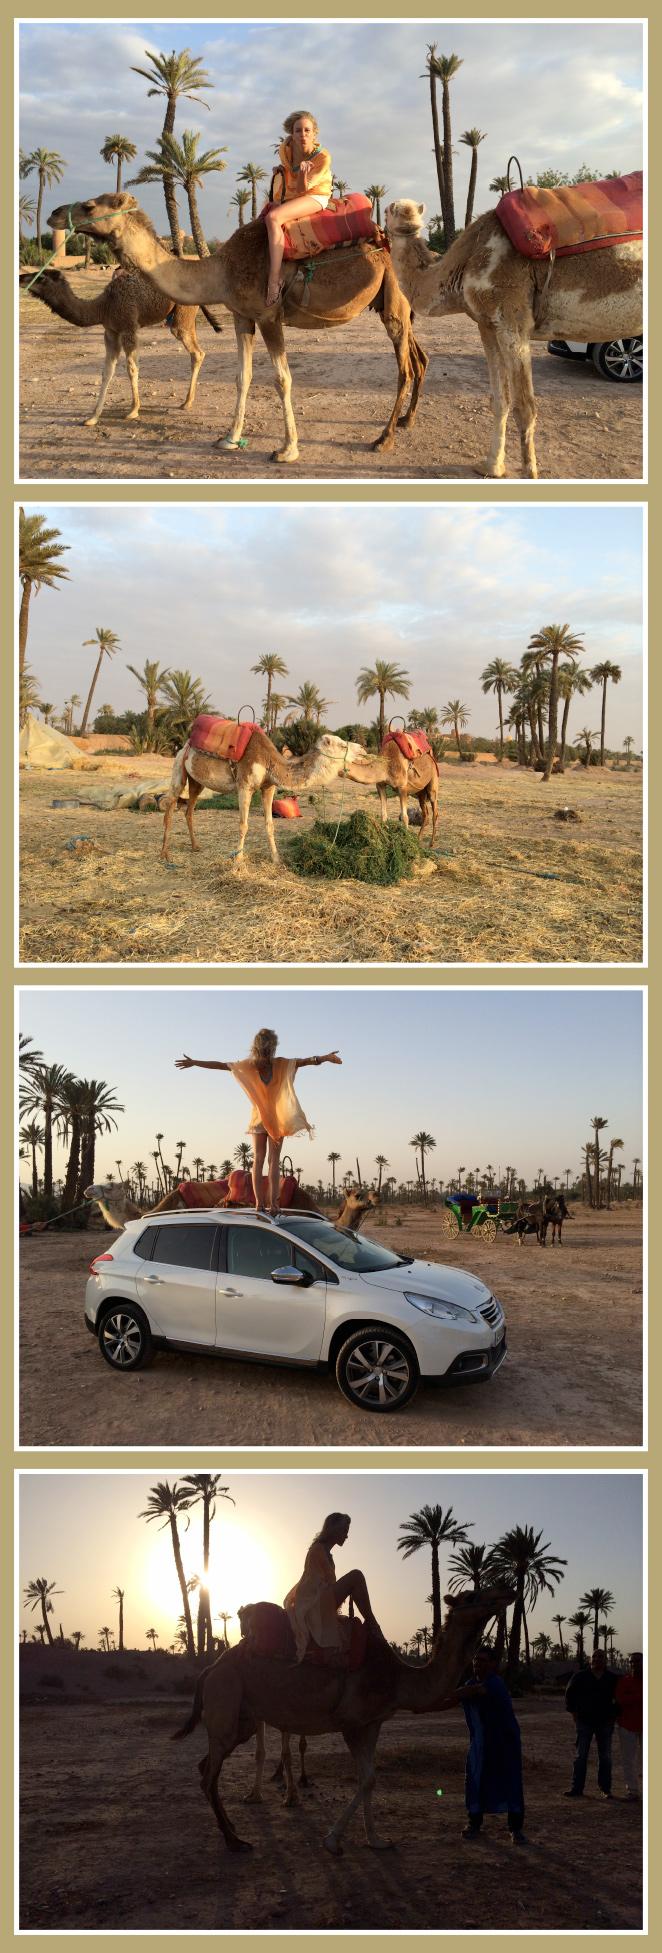 El espectacular Palmeral, situado en los exteriores de Marrakech